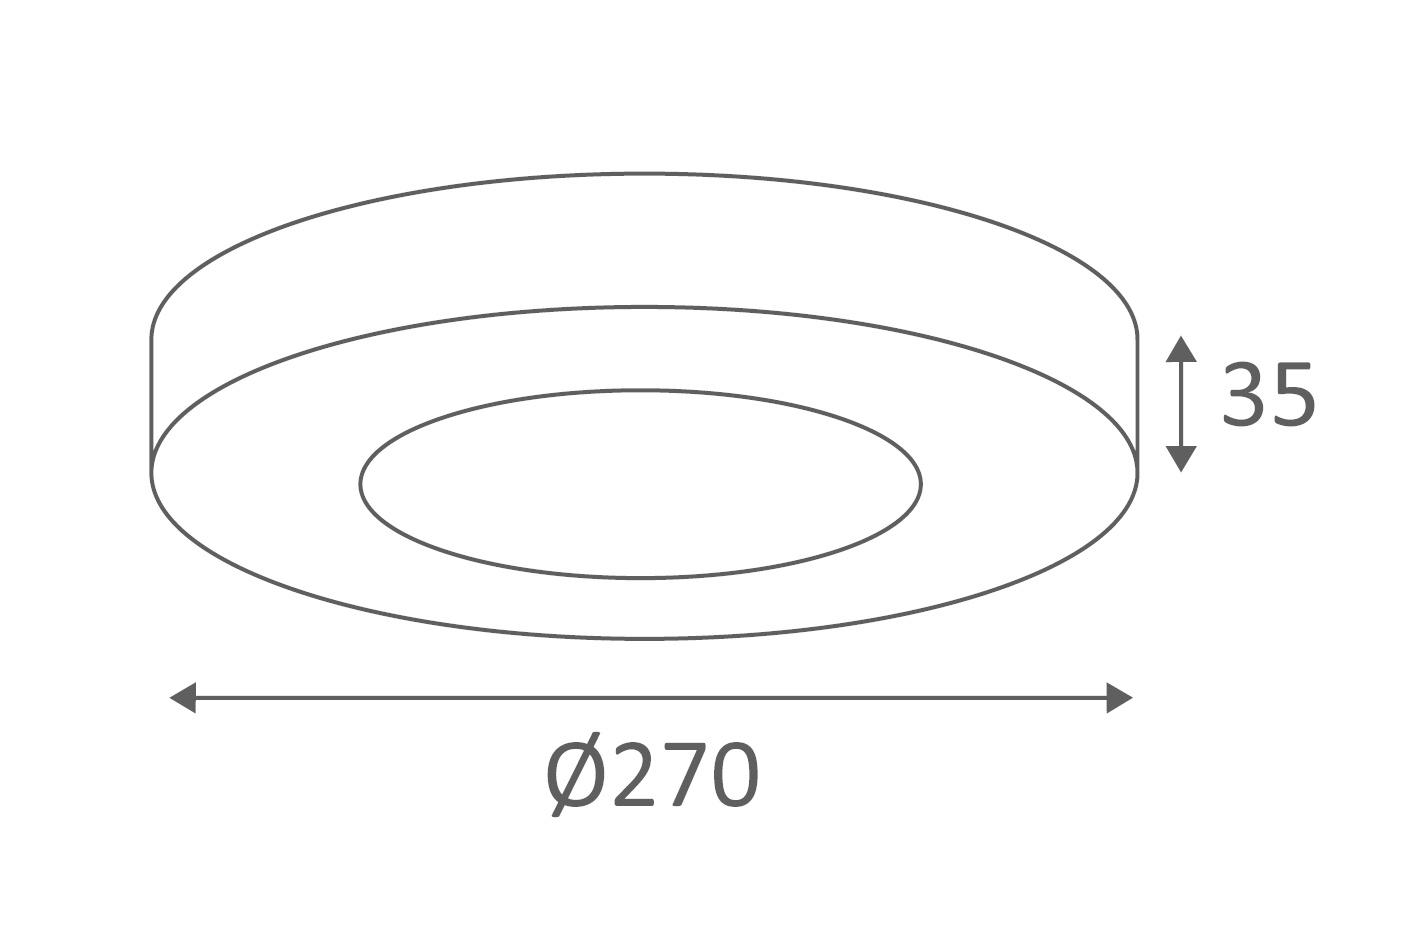 INDIGO Aspi 1 Sensor